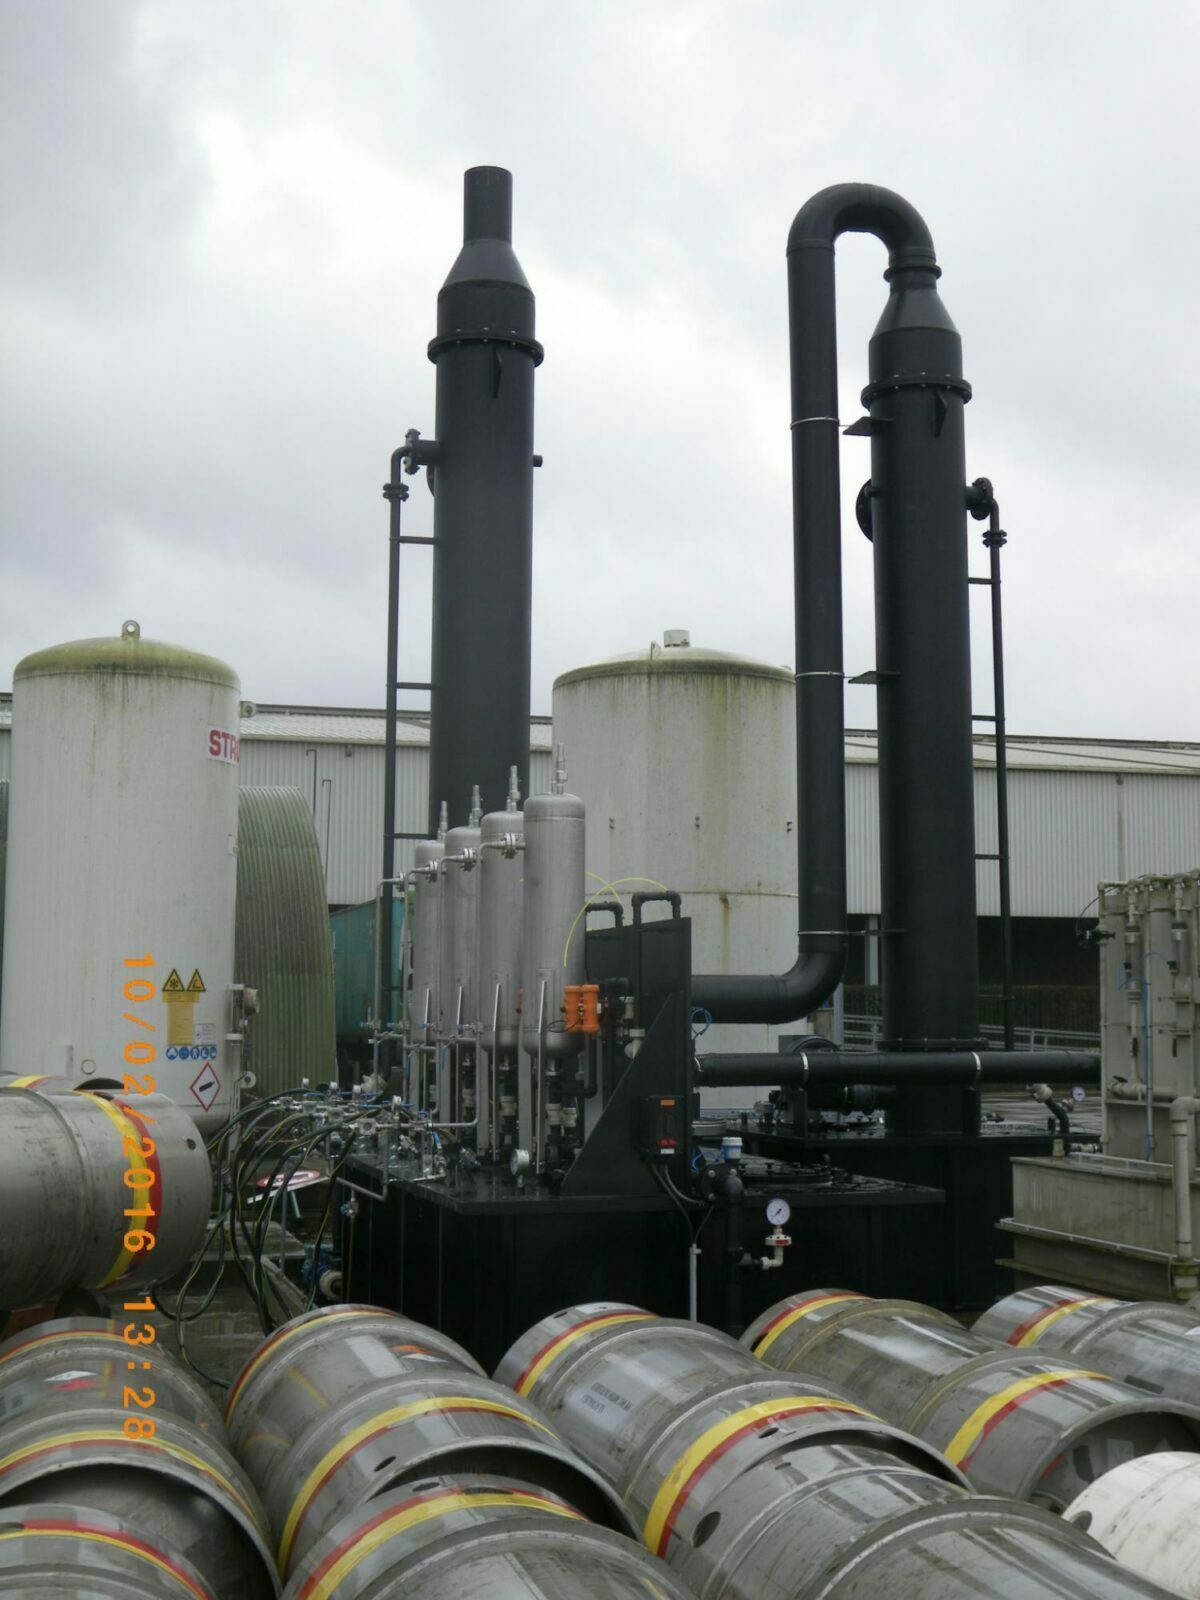 Ethylen oxide gas scrubber